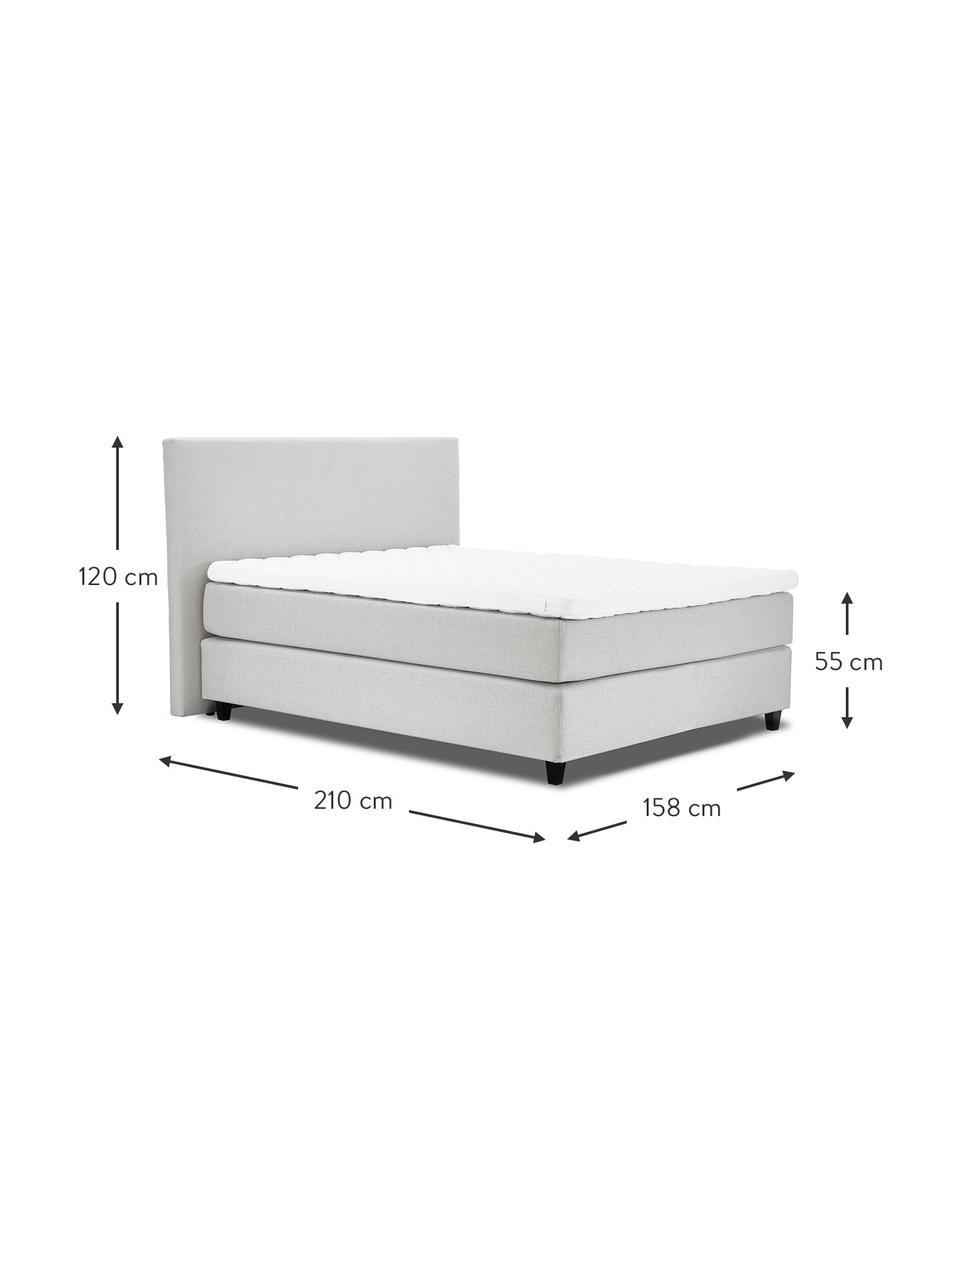 Łóżko kontynentalne premium Eliza, Nogi: lite drewno brzozowe, lak, Jasny szary, 140 x 200 cm